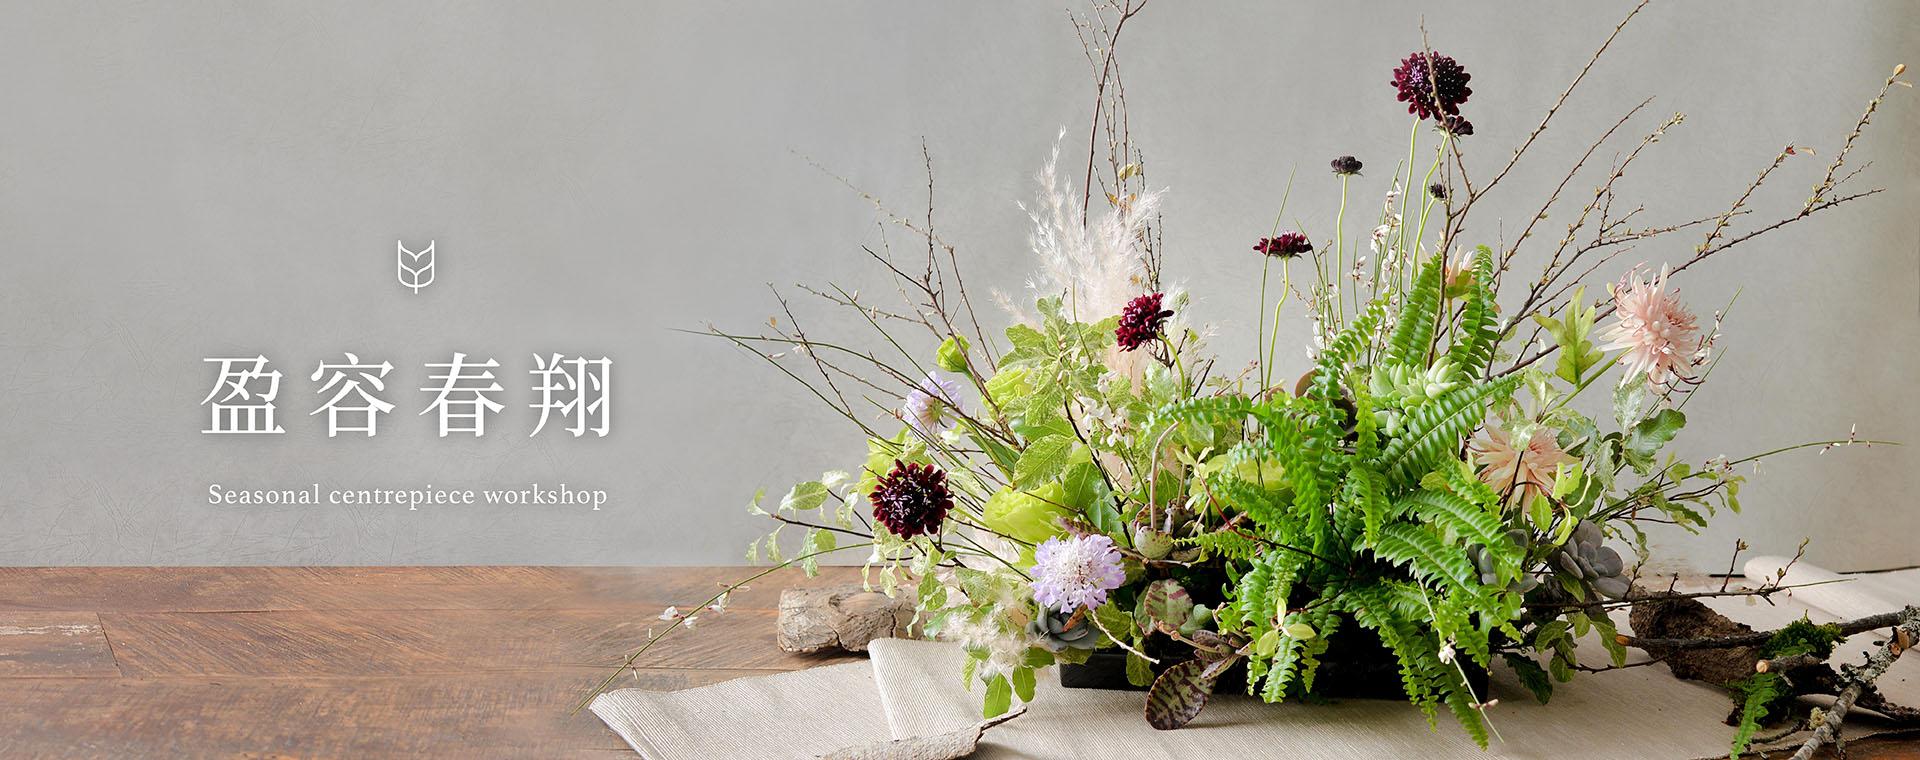 有肉 Succulent & Gift - 官方網站 Emilt花藝課 官網